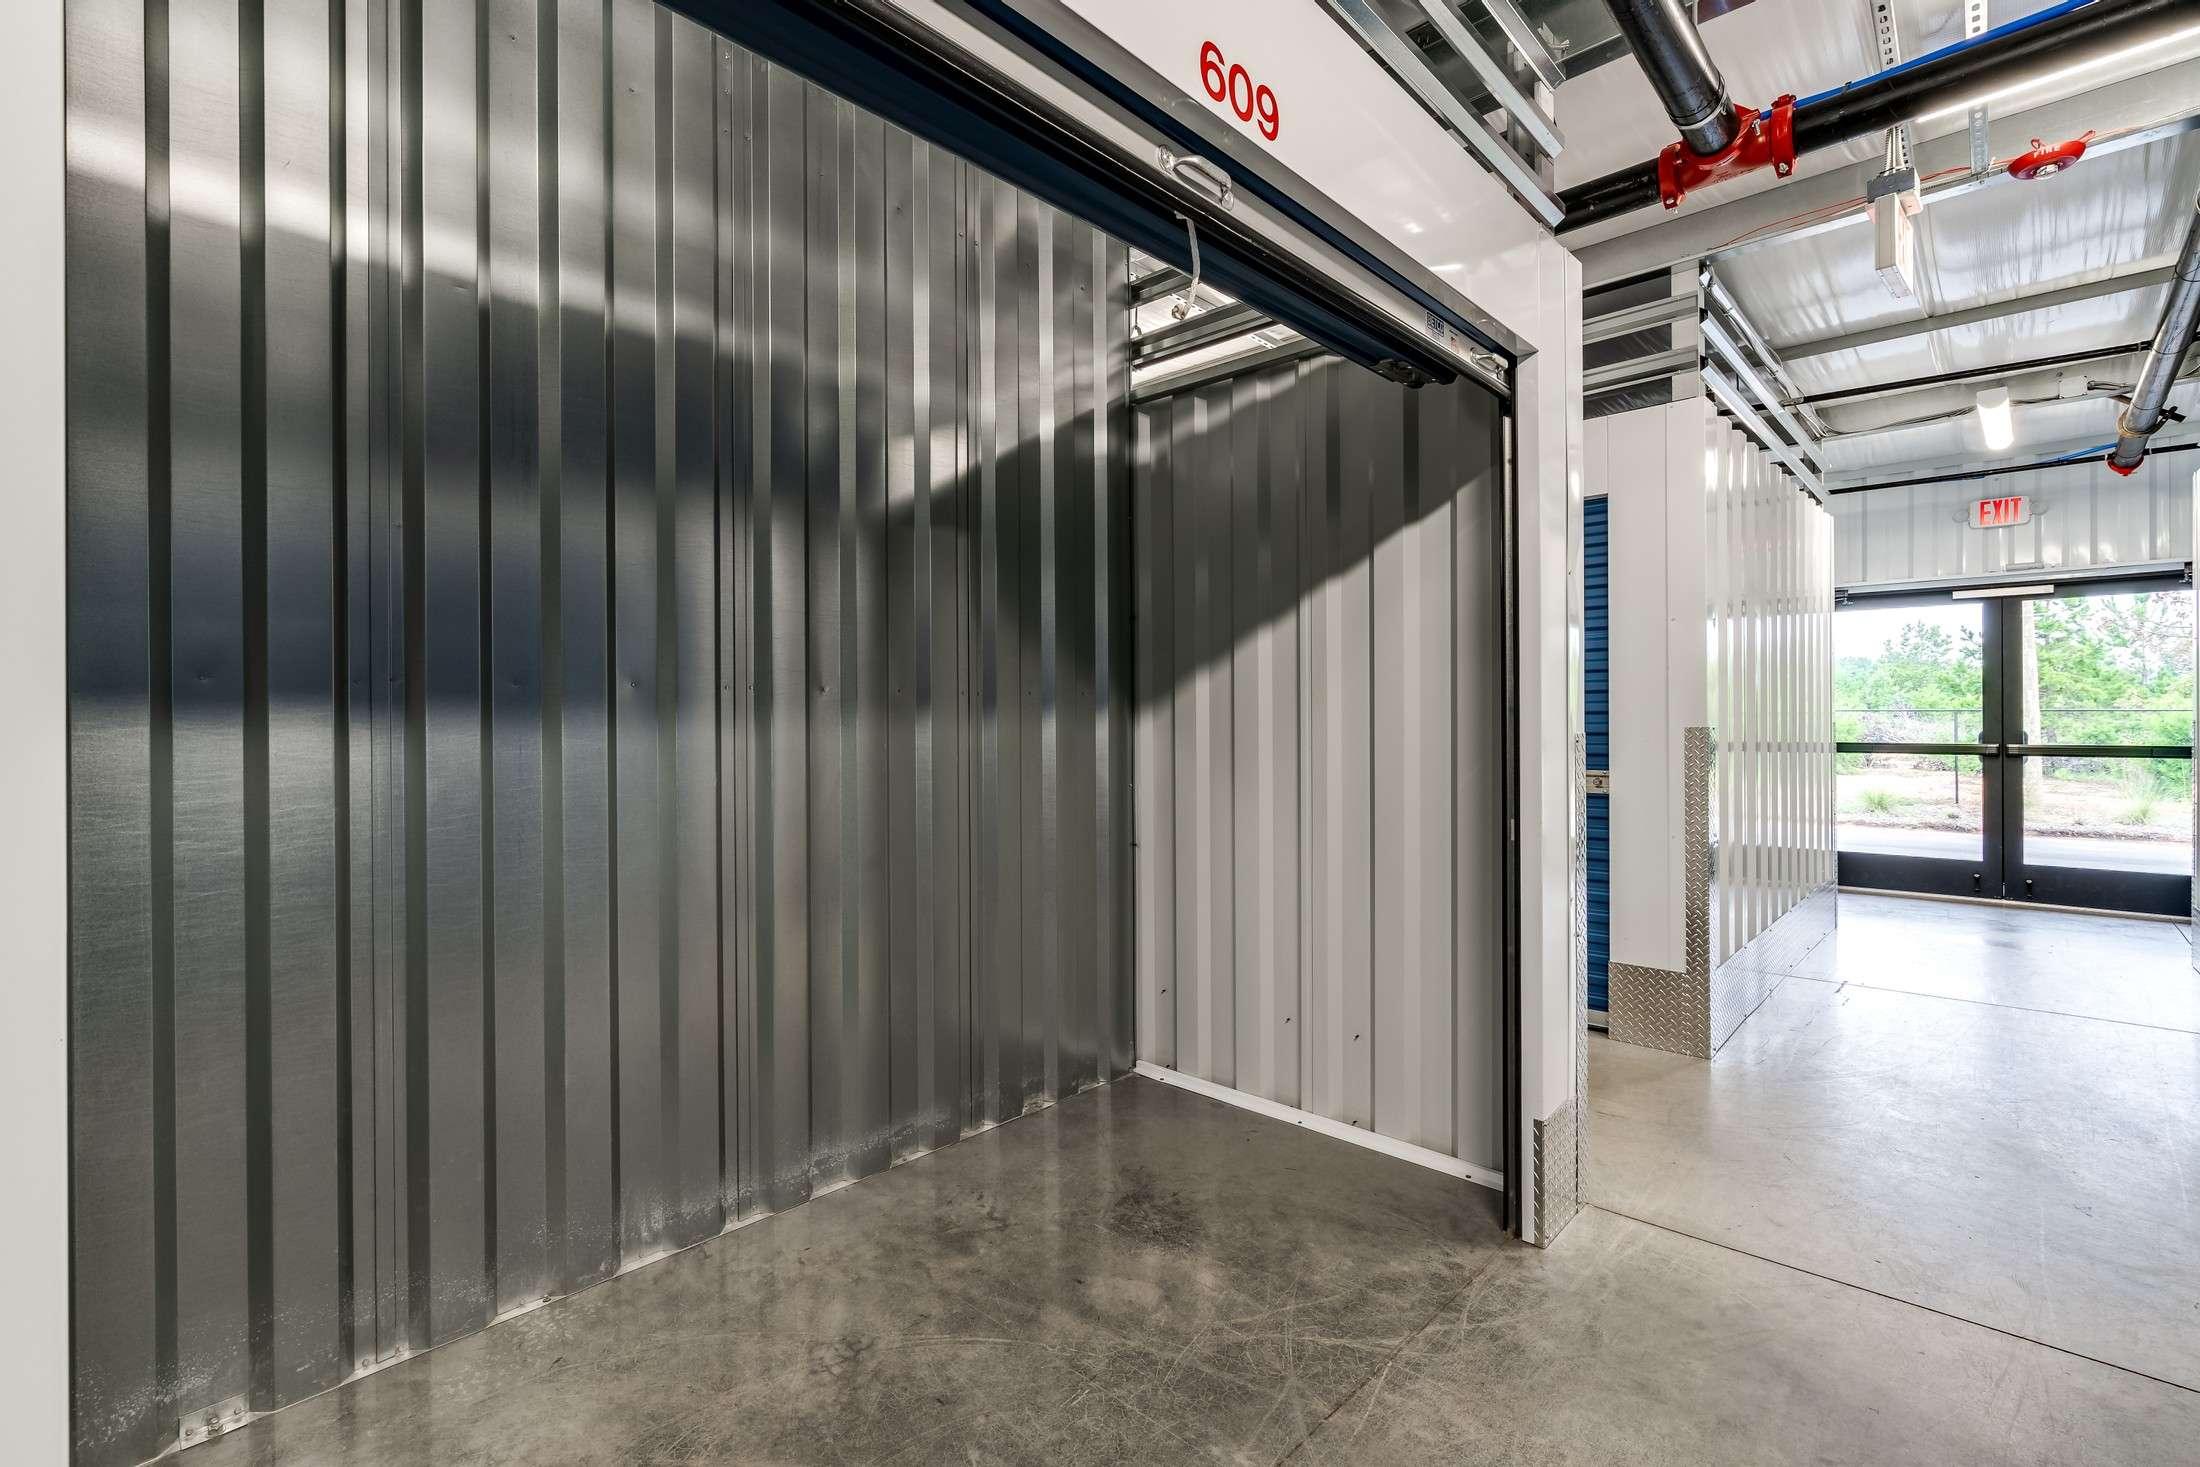 Unit 609 interior